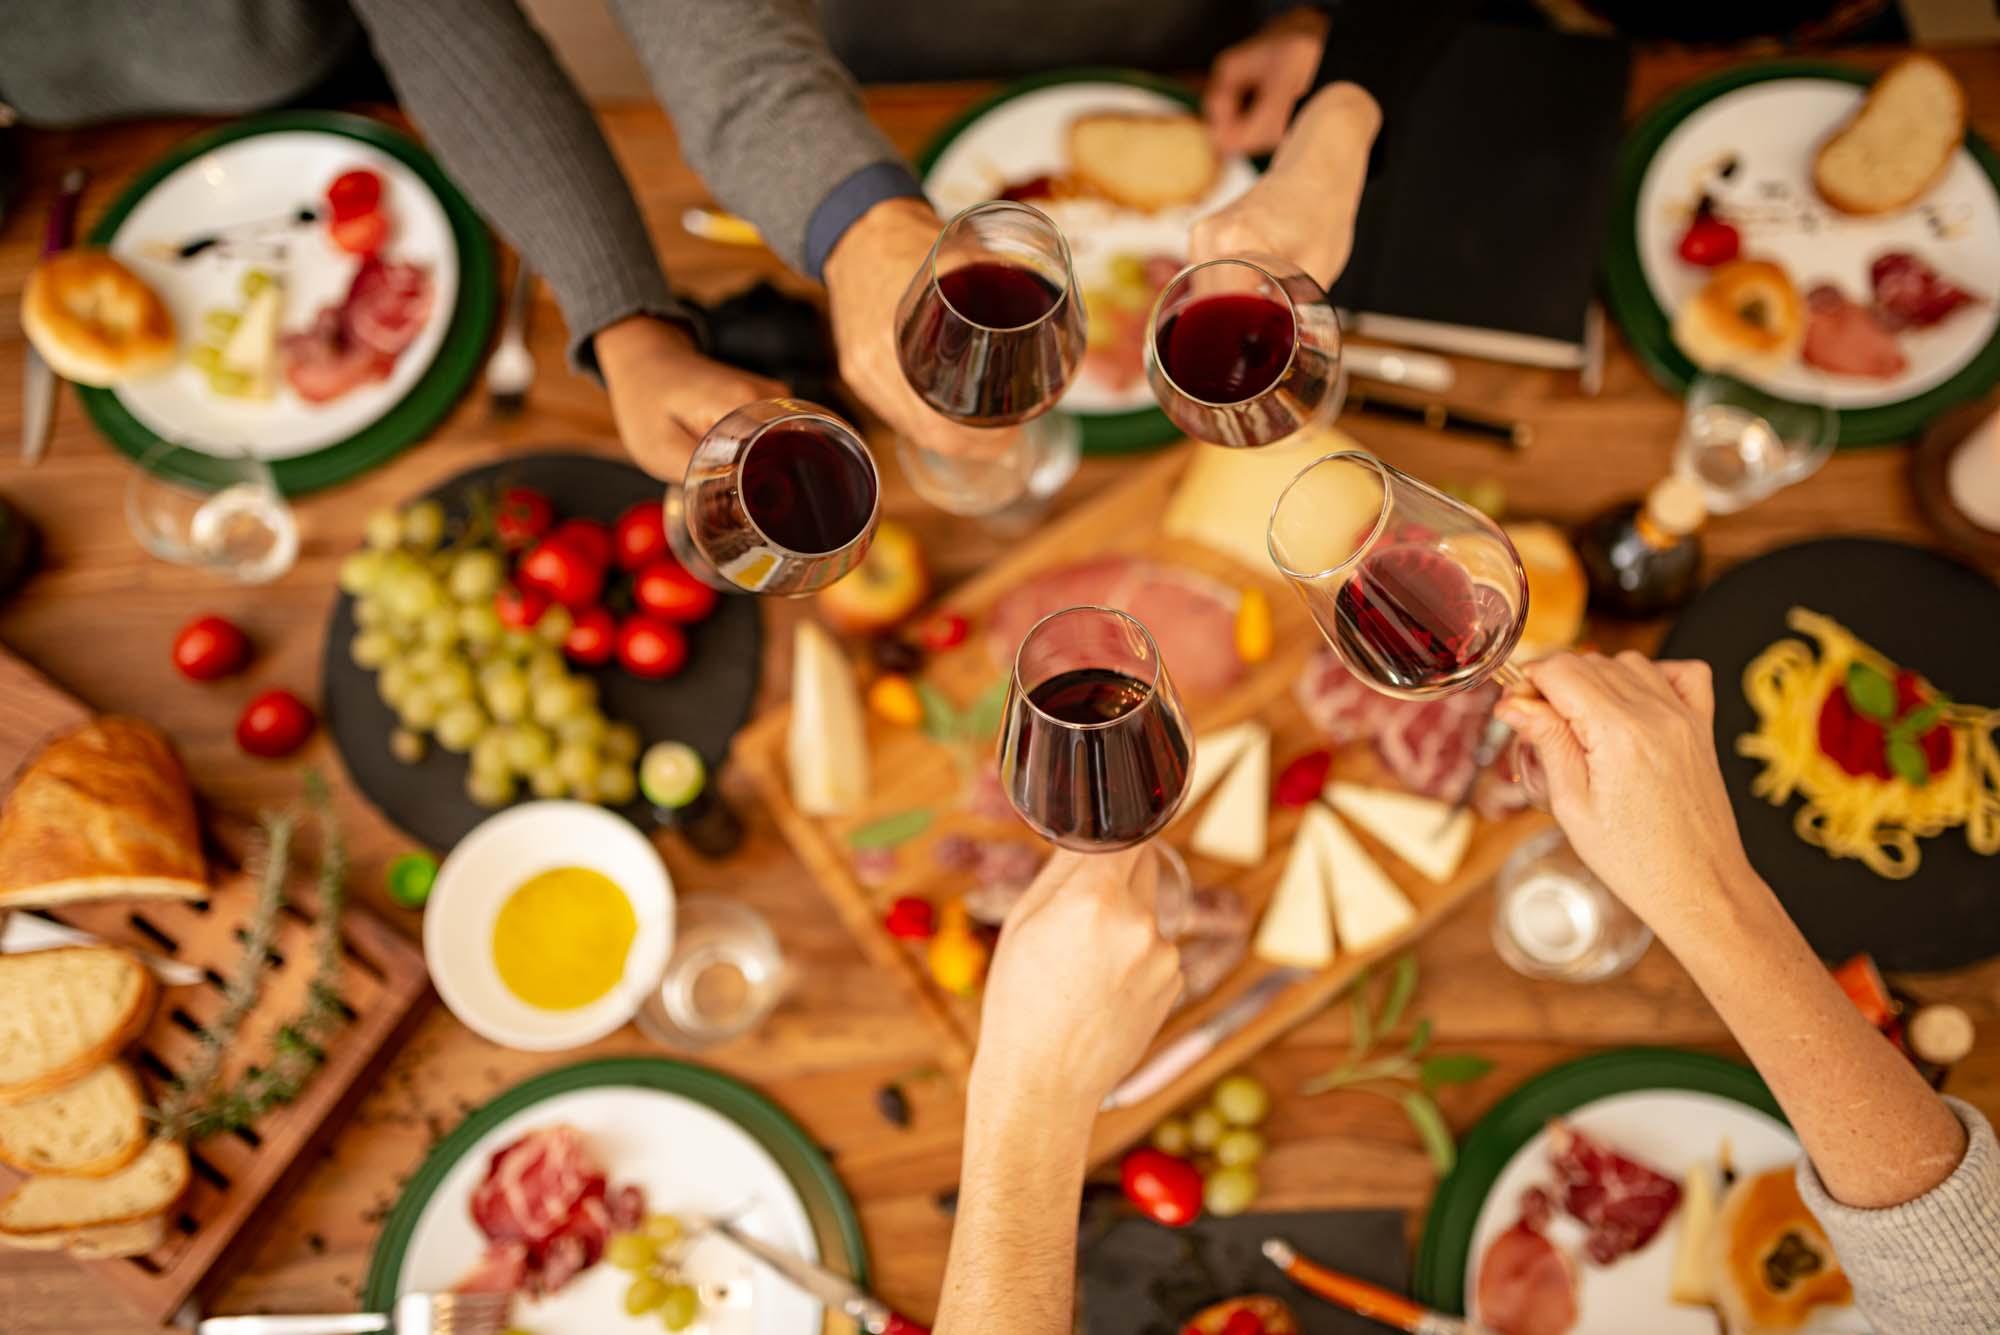 Cucina Amatoriale Cene Aziendali a Verona